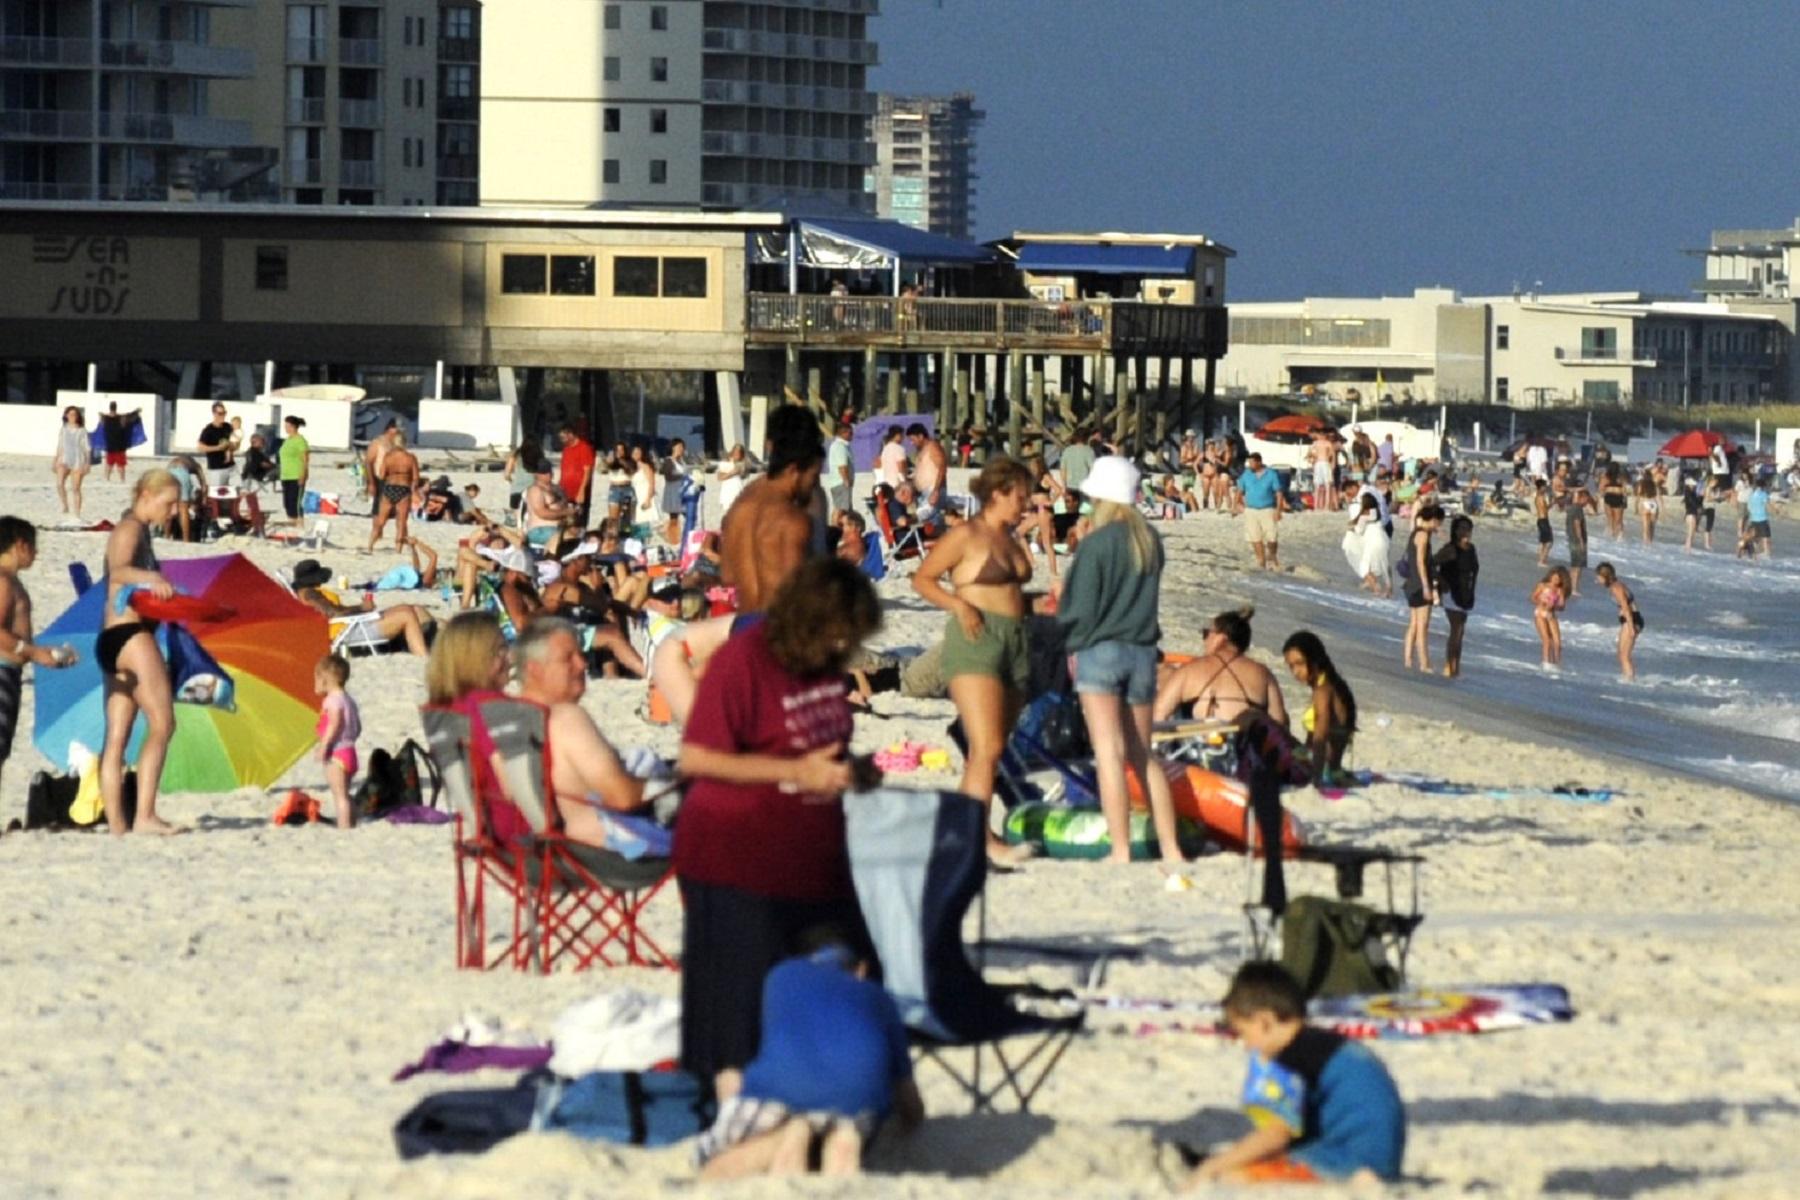 ΗΠΑ Πανδημία: Οι τουριστικές παραλίες της Ακτής του Κόλπου μετατρέπονται σε καυτά σημεία του κορωνοϊού το καλοκαίρι